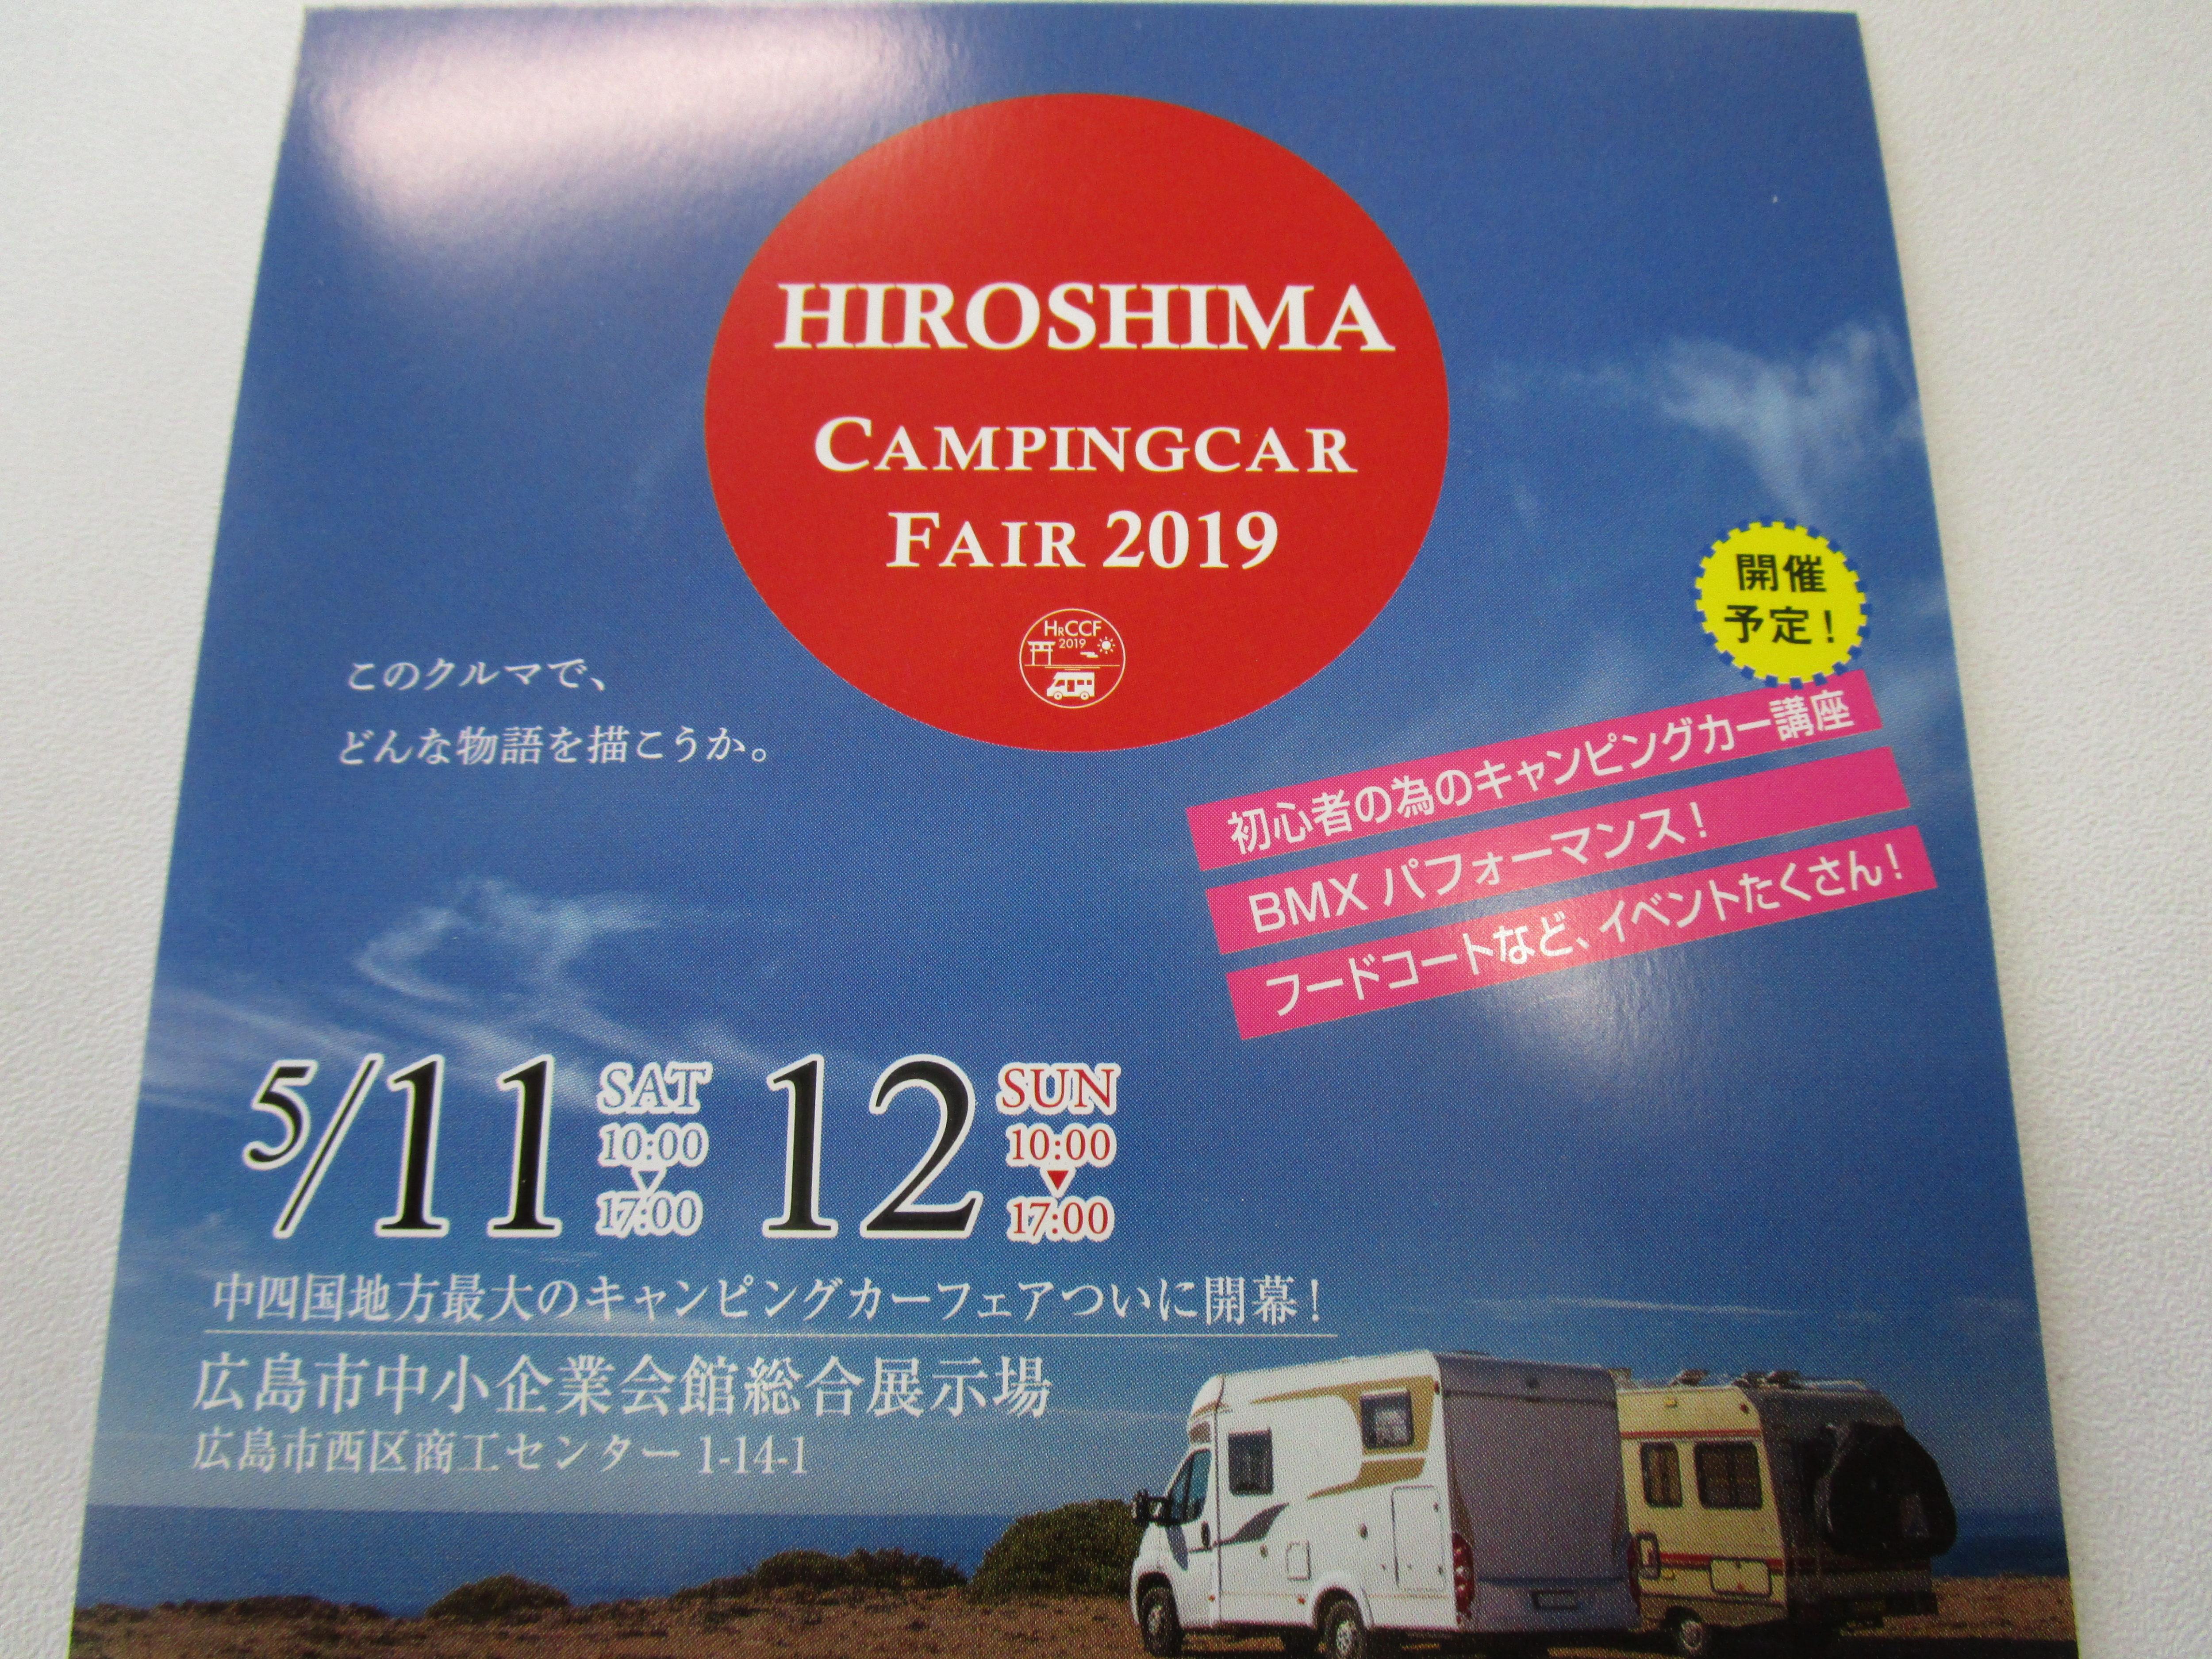 広島キャンピングカーフェア2019始まります!